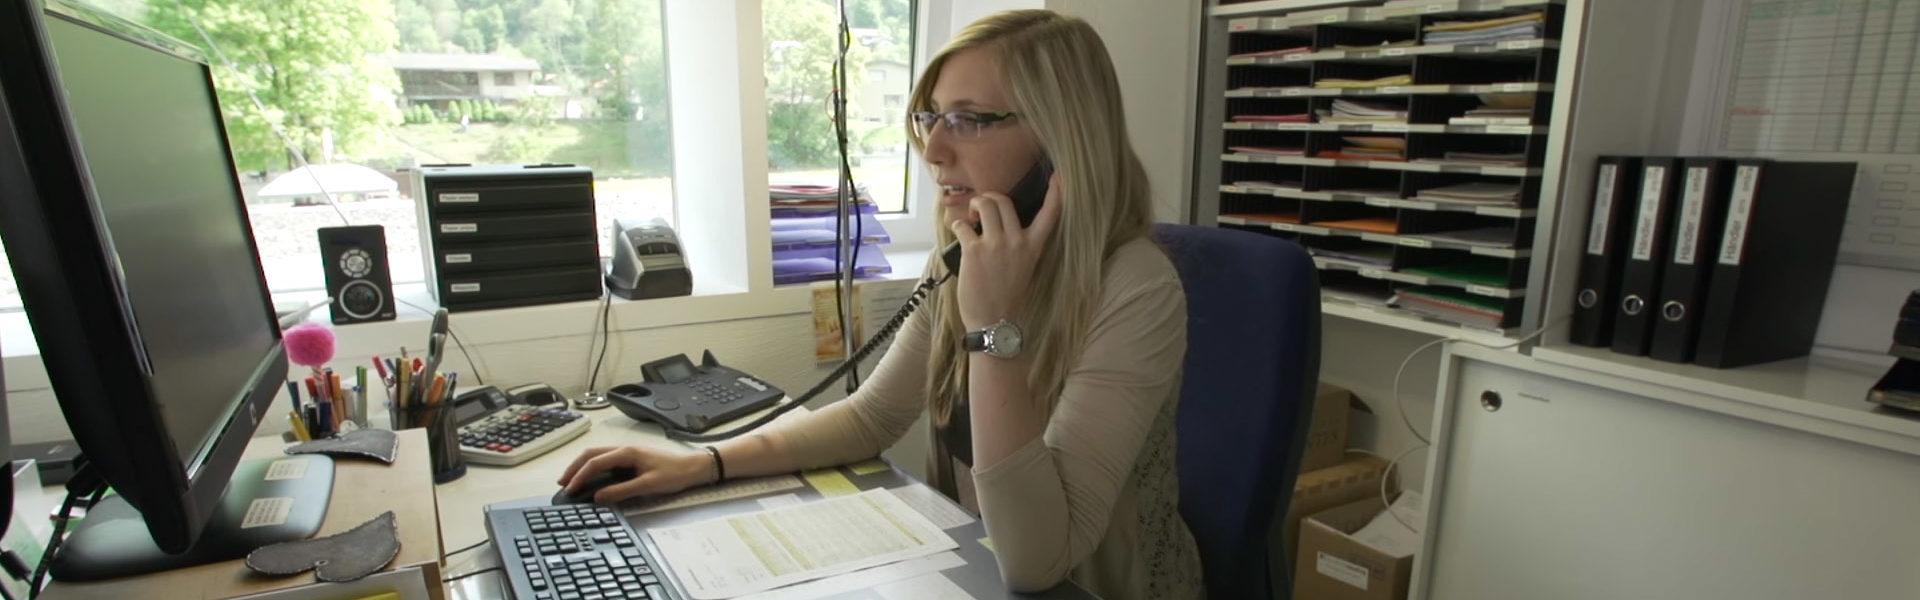 Eine Mitarbeiterin von ombra sitzt an ihrem Schreibtisch und beantwortet eine Kundenanfrage per Telefon.